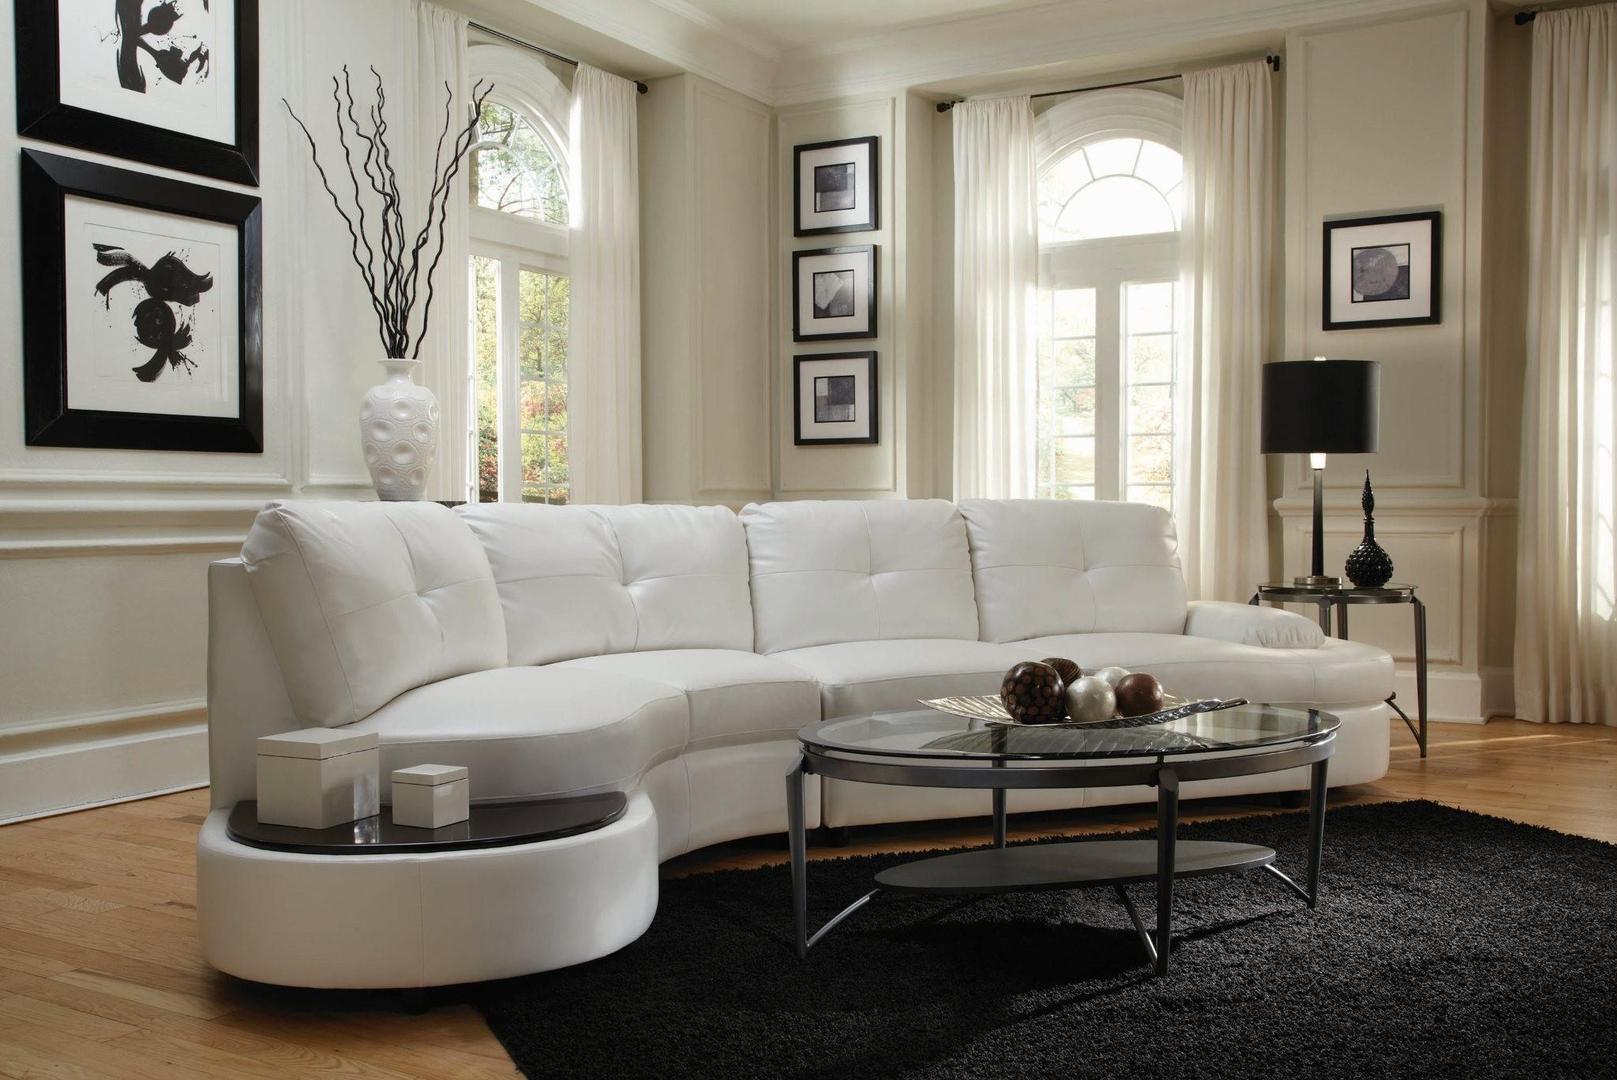 Living Room Furniture Fort Myers Fl Coastal Living Furniture Mattress Furniture Dining Room Furniture